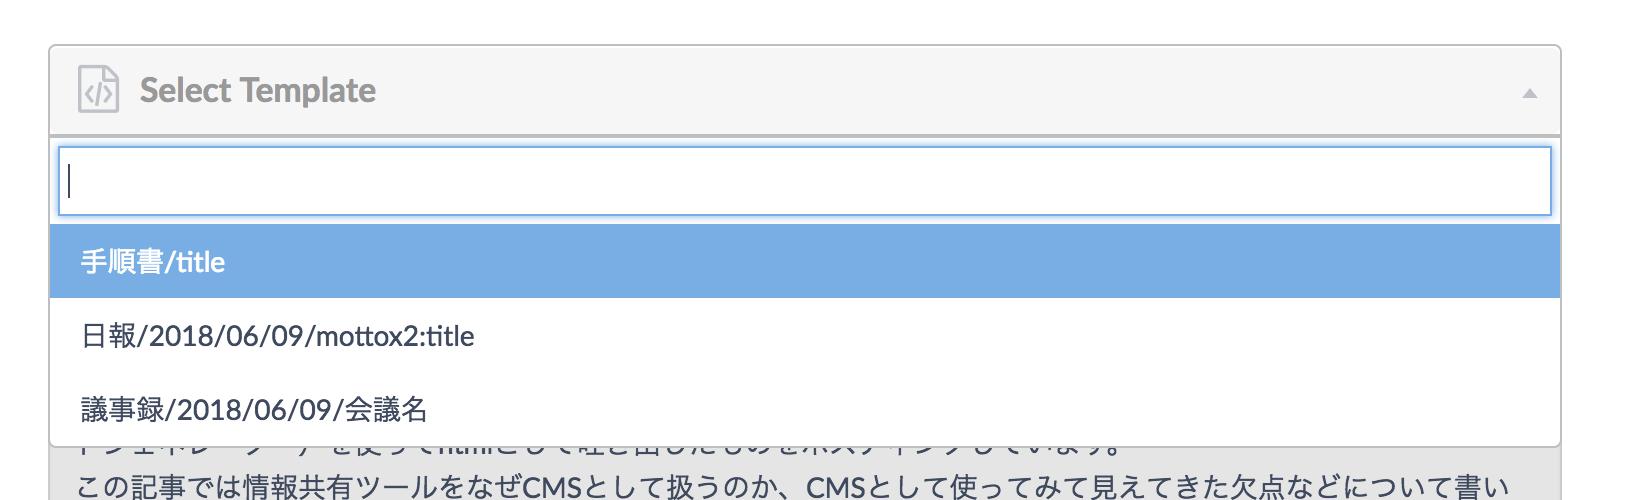 スクリーンショット 2018-06-09 0.40.36.png (90.3 kB)